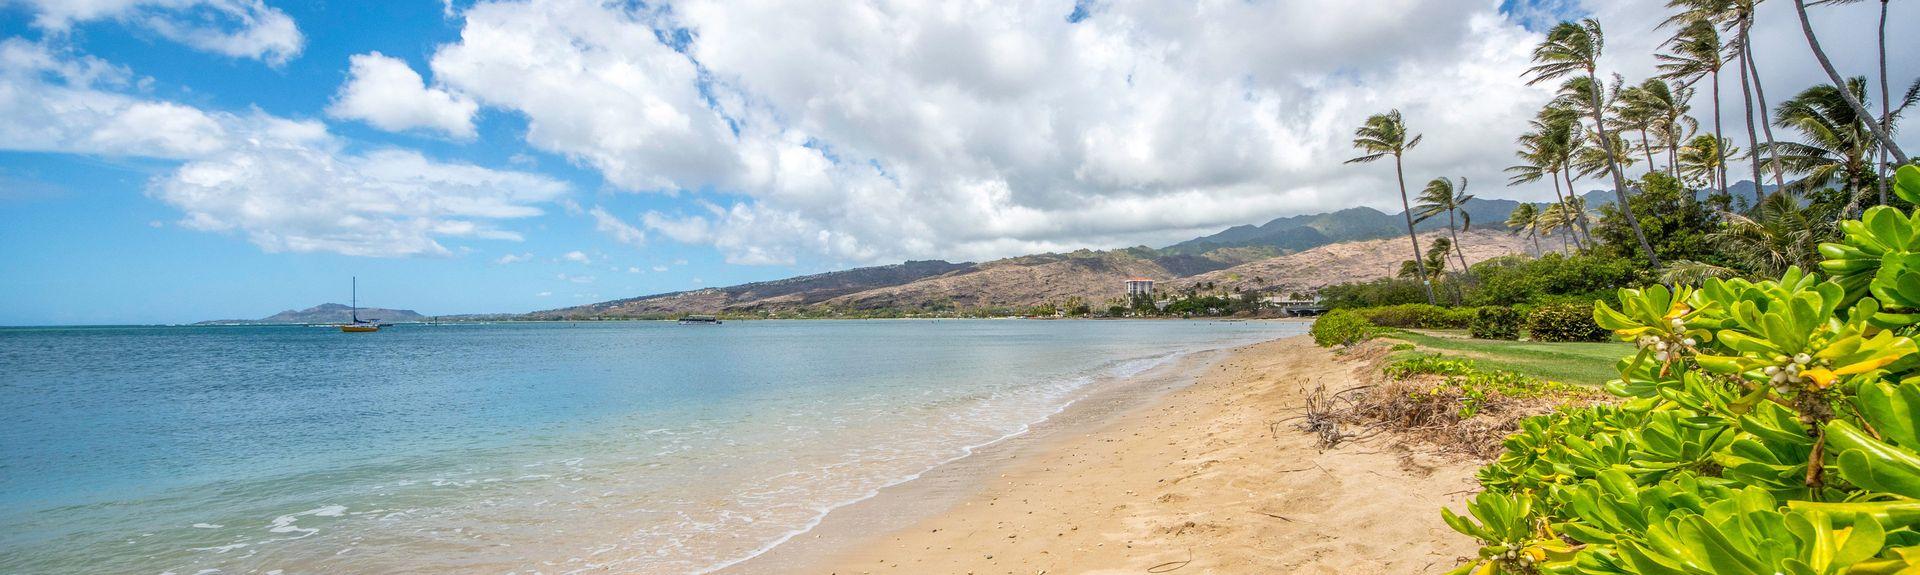 Windward Coast, Hawaii, Stati Uniti d'America